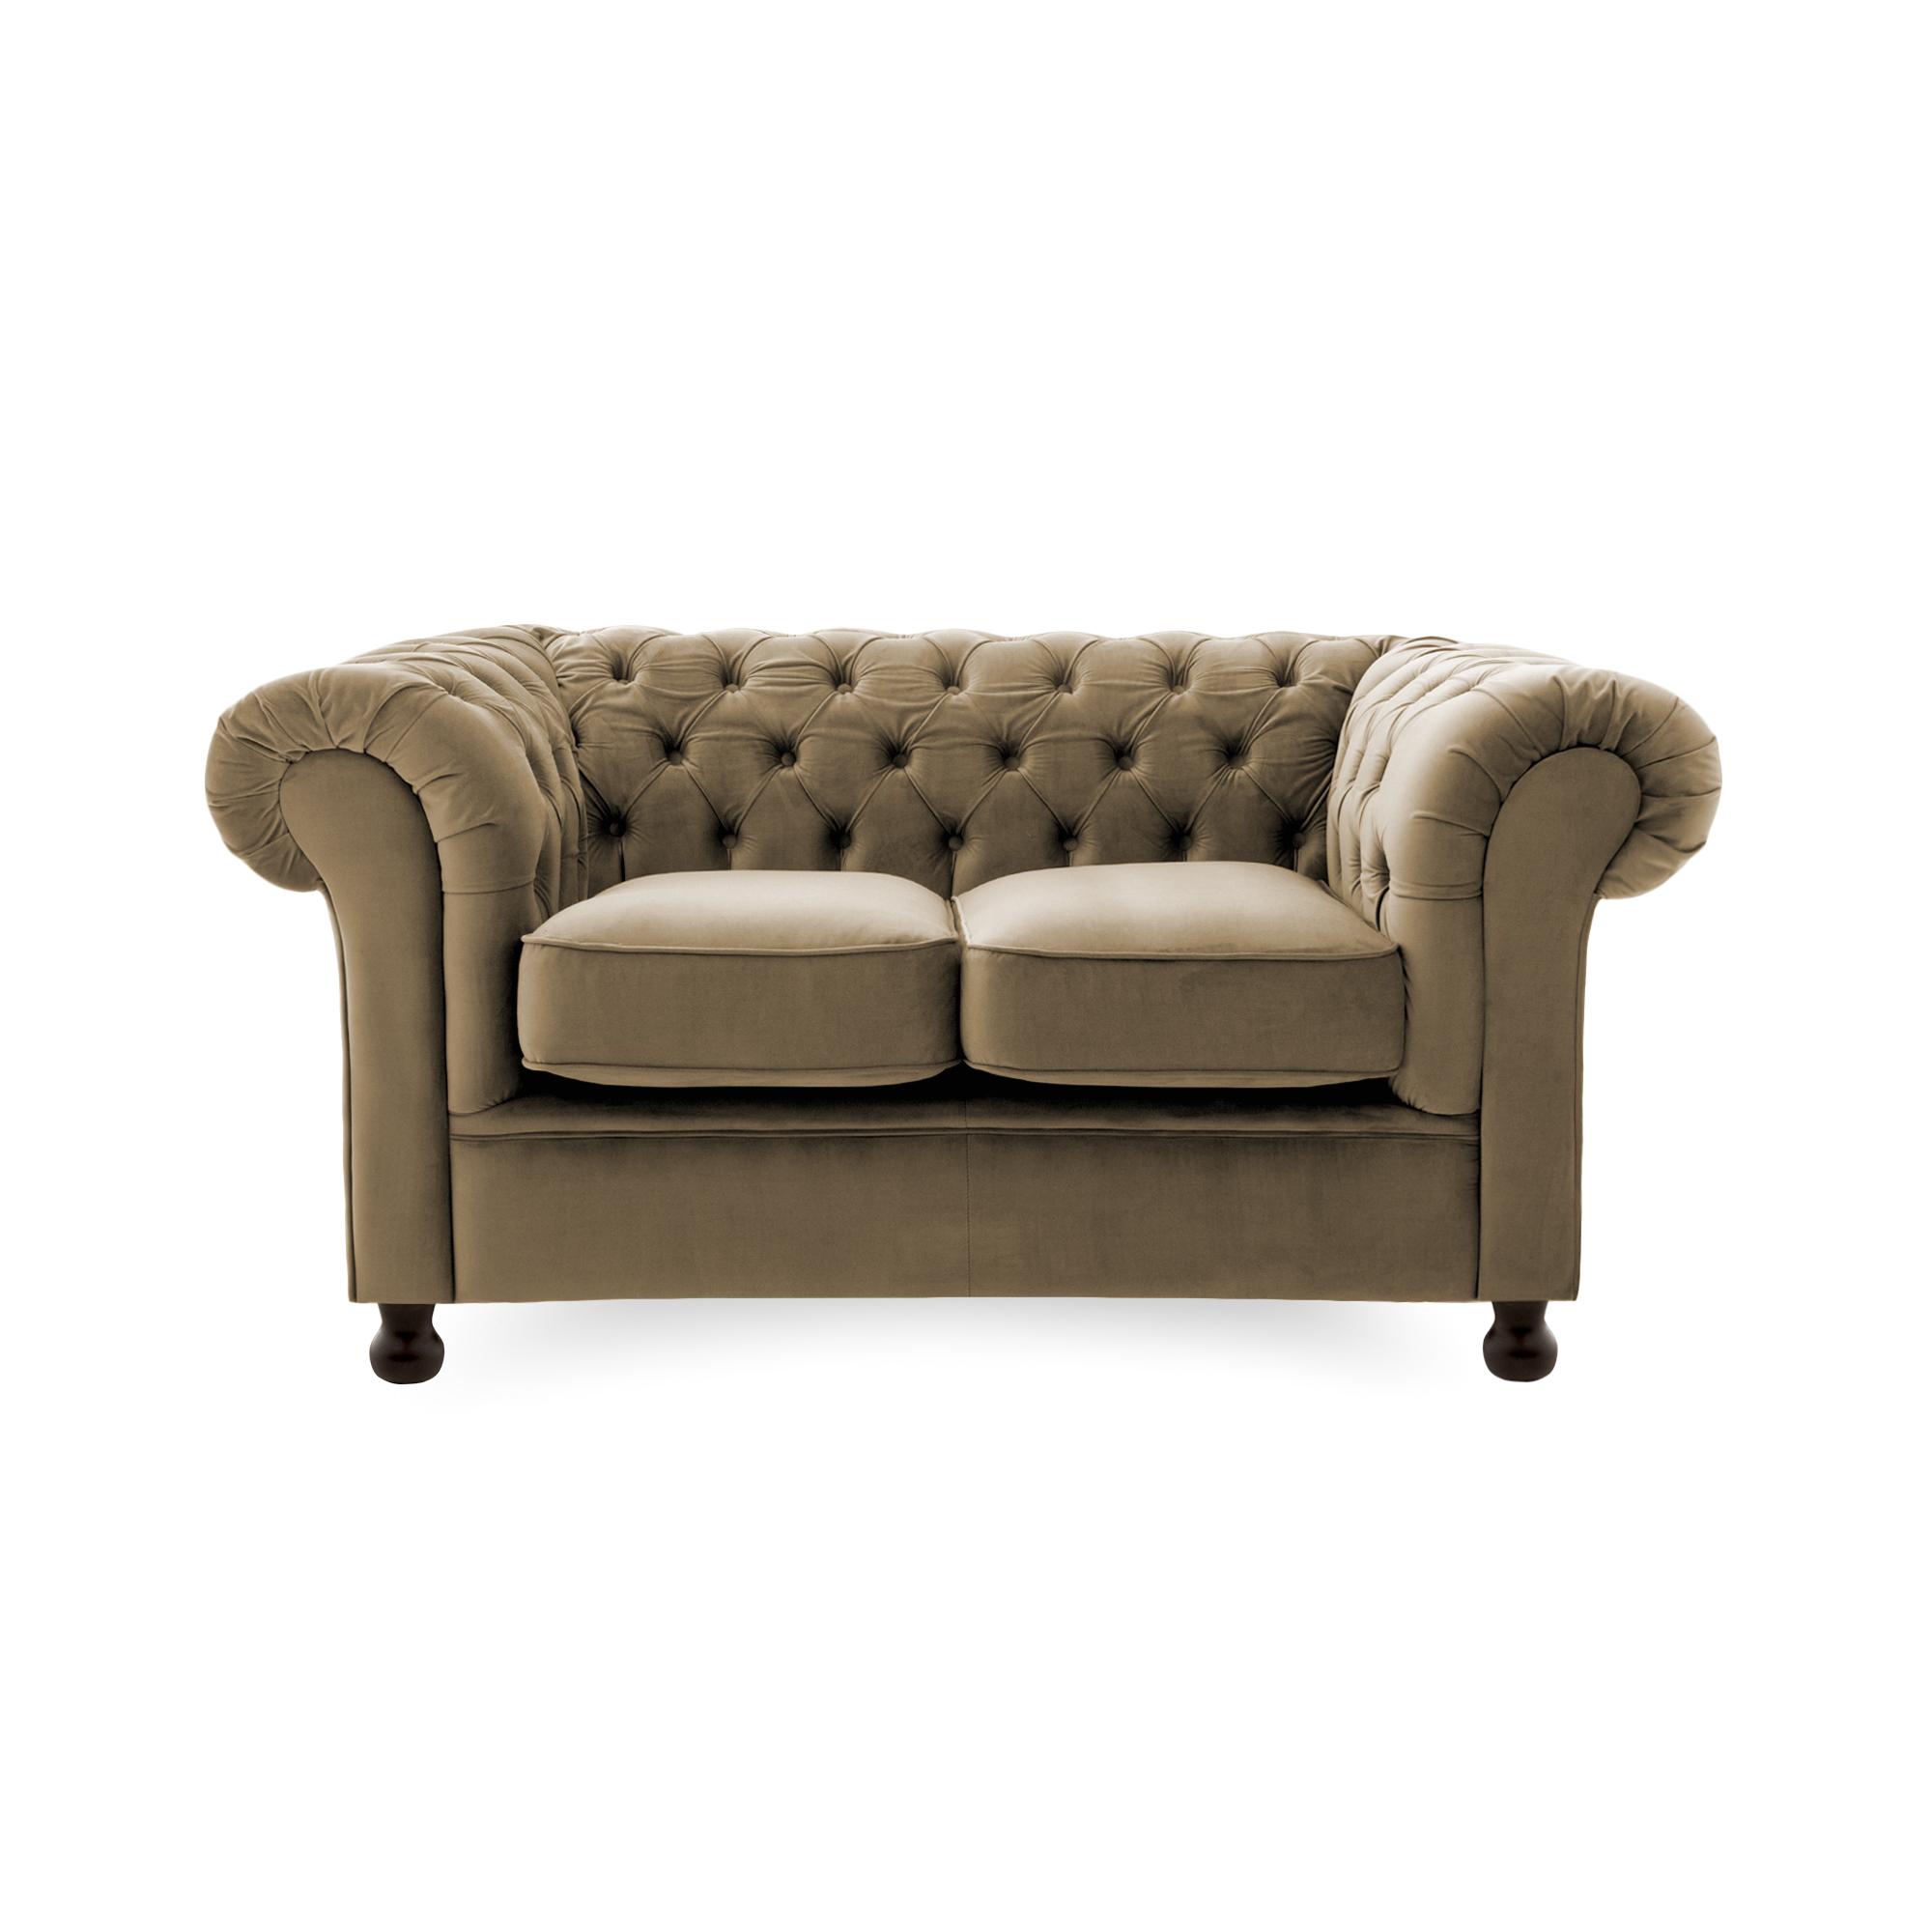 Canapea Fixa 2 locuri Chesterfield Taupe